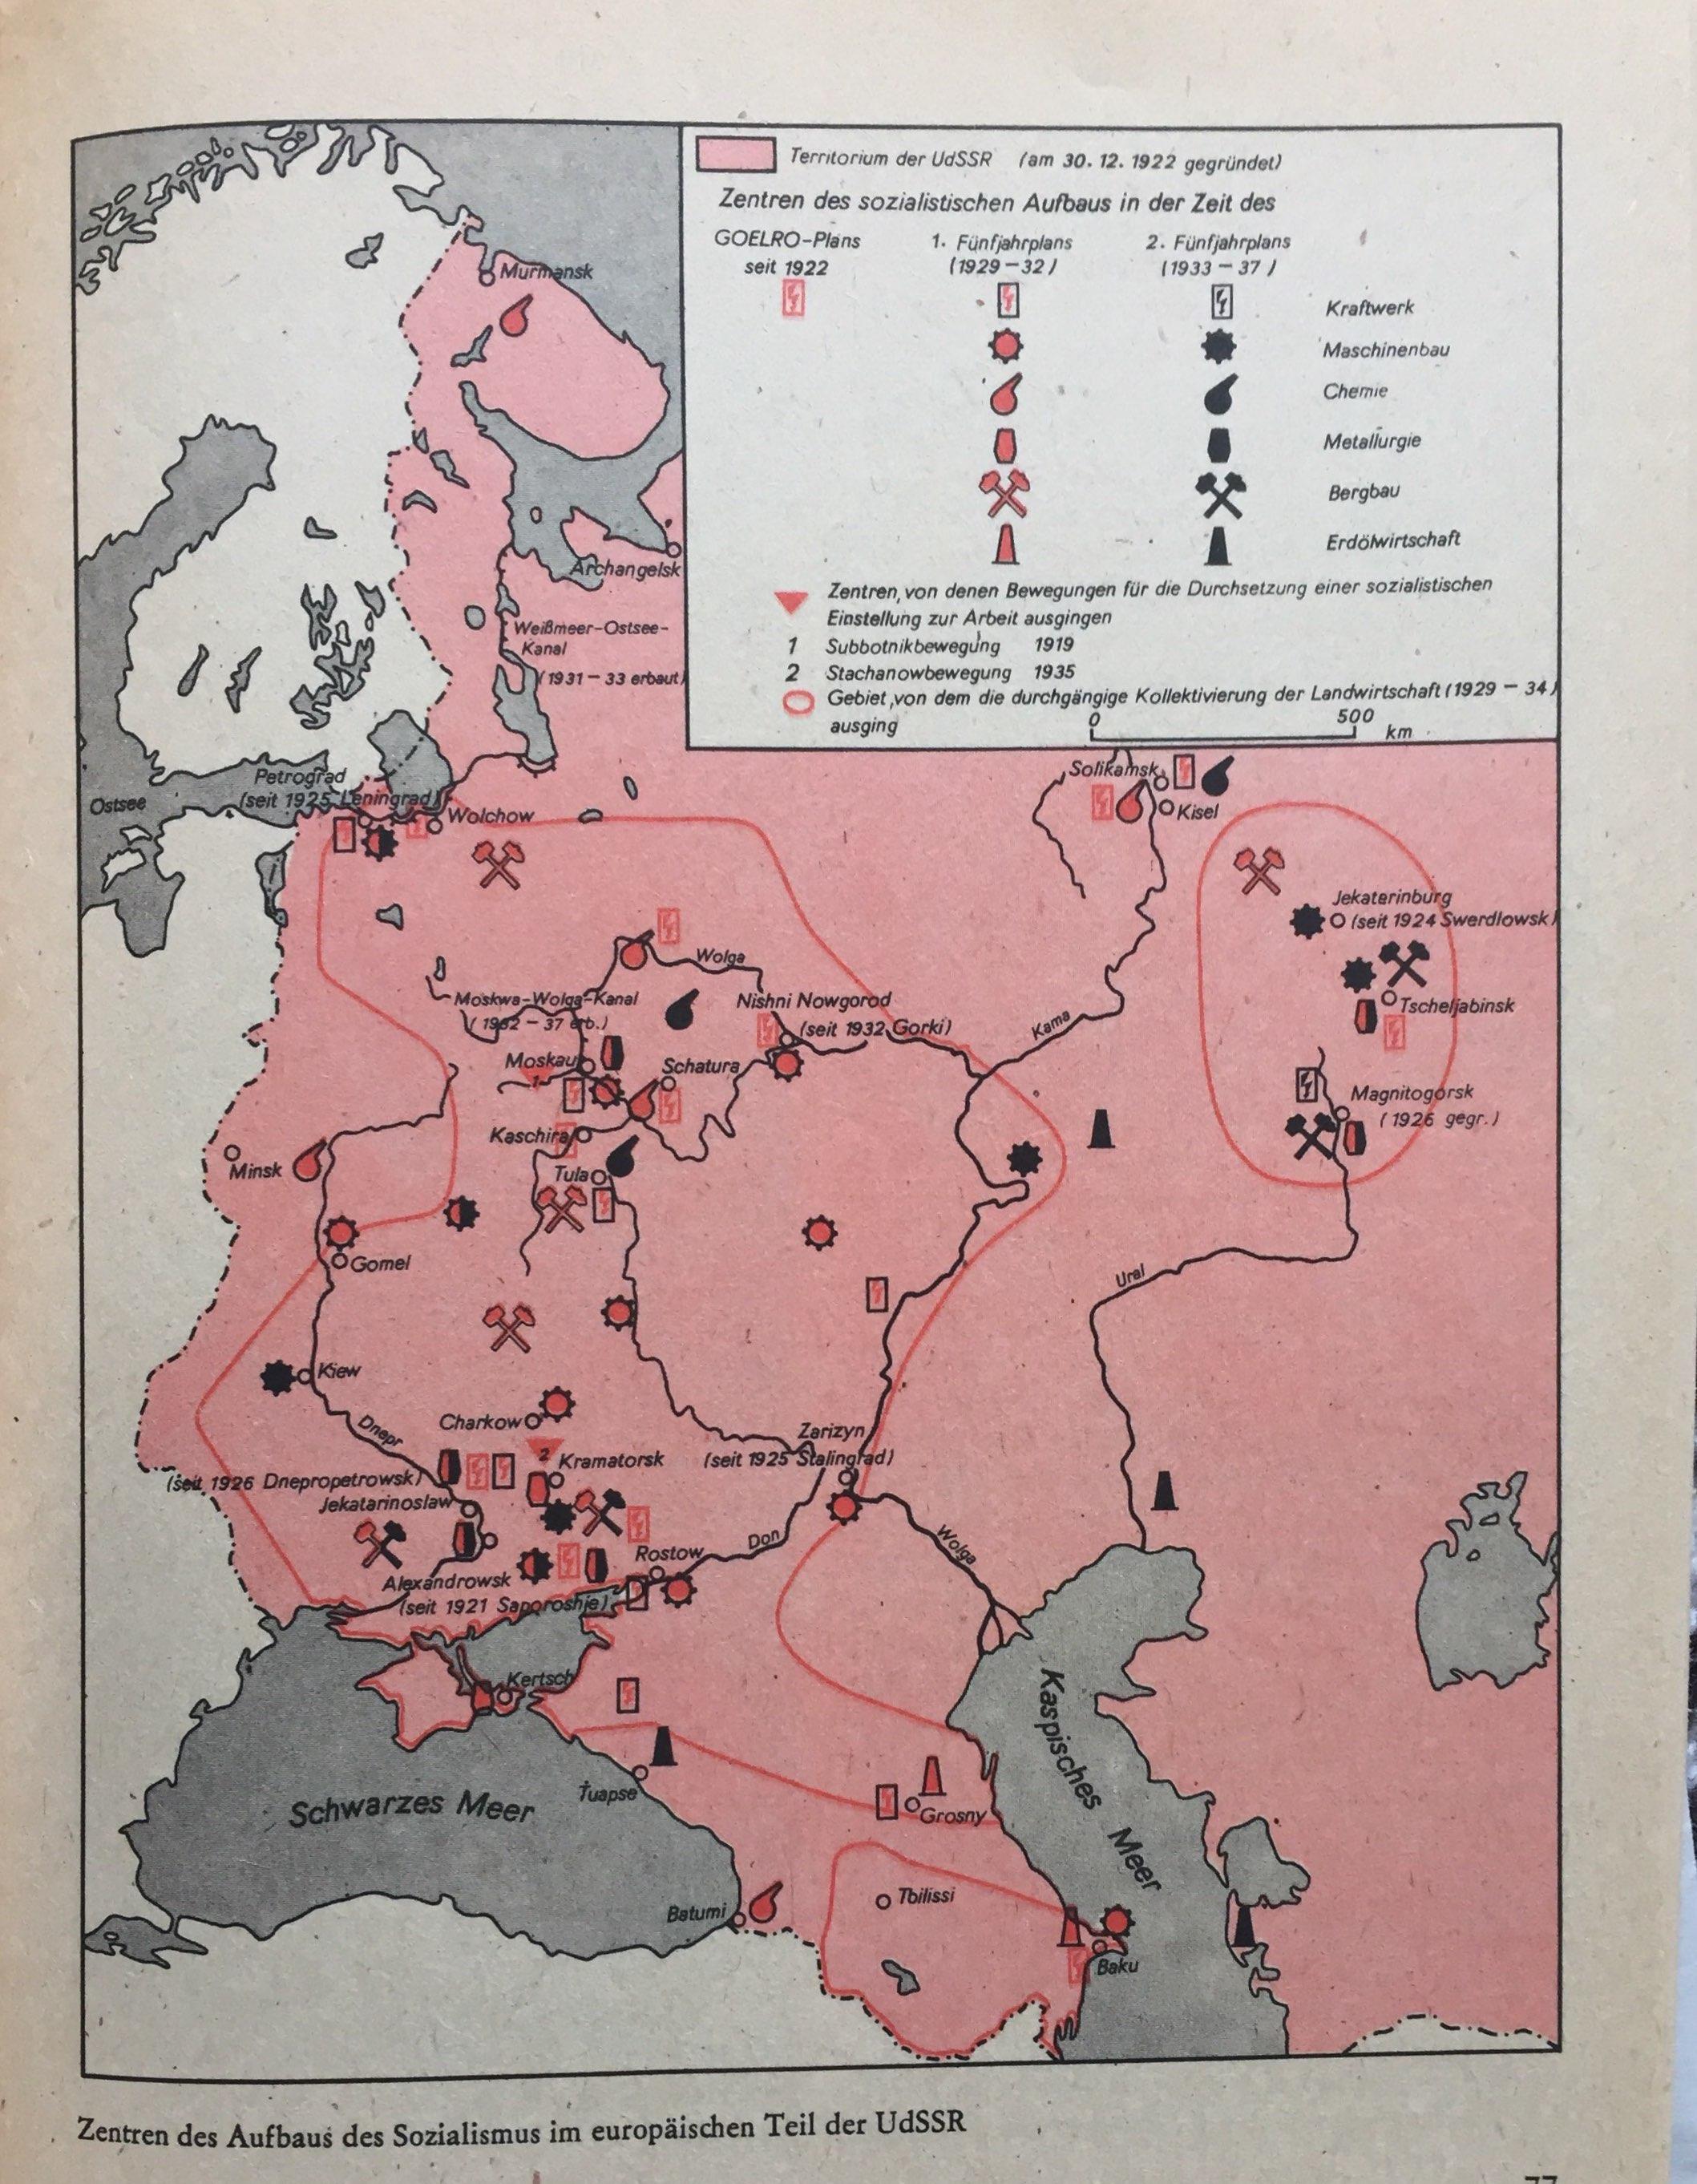 Zentren Aufbau Sozialismus europäischer Teil UdSSR